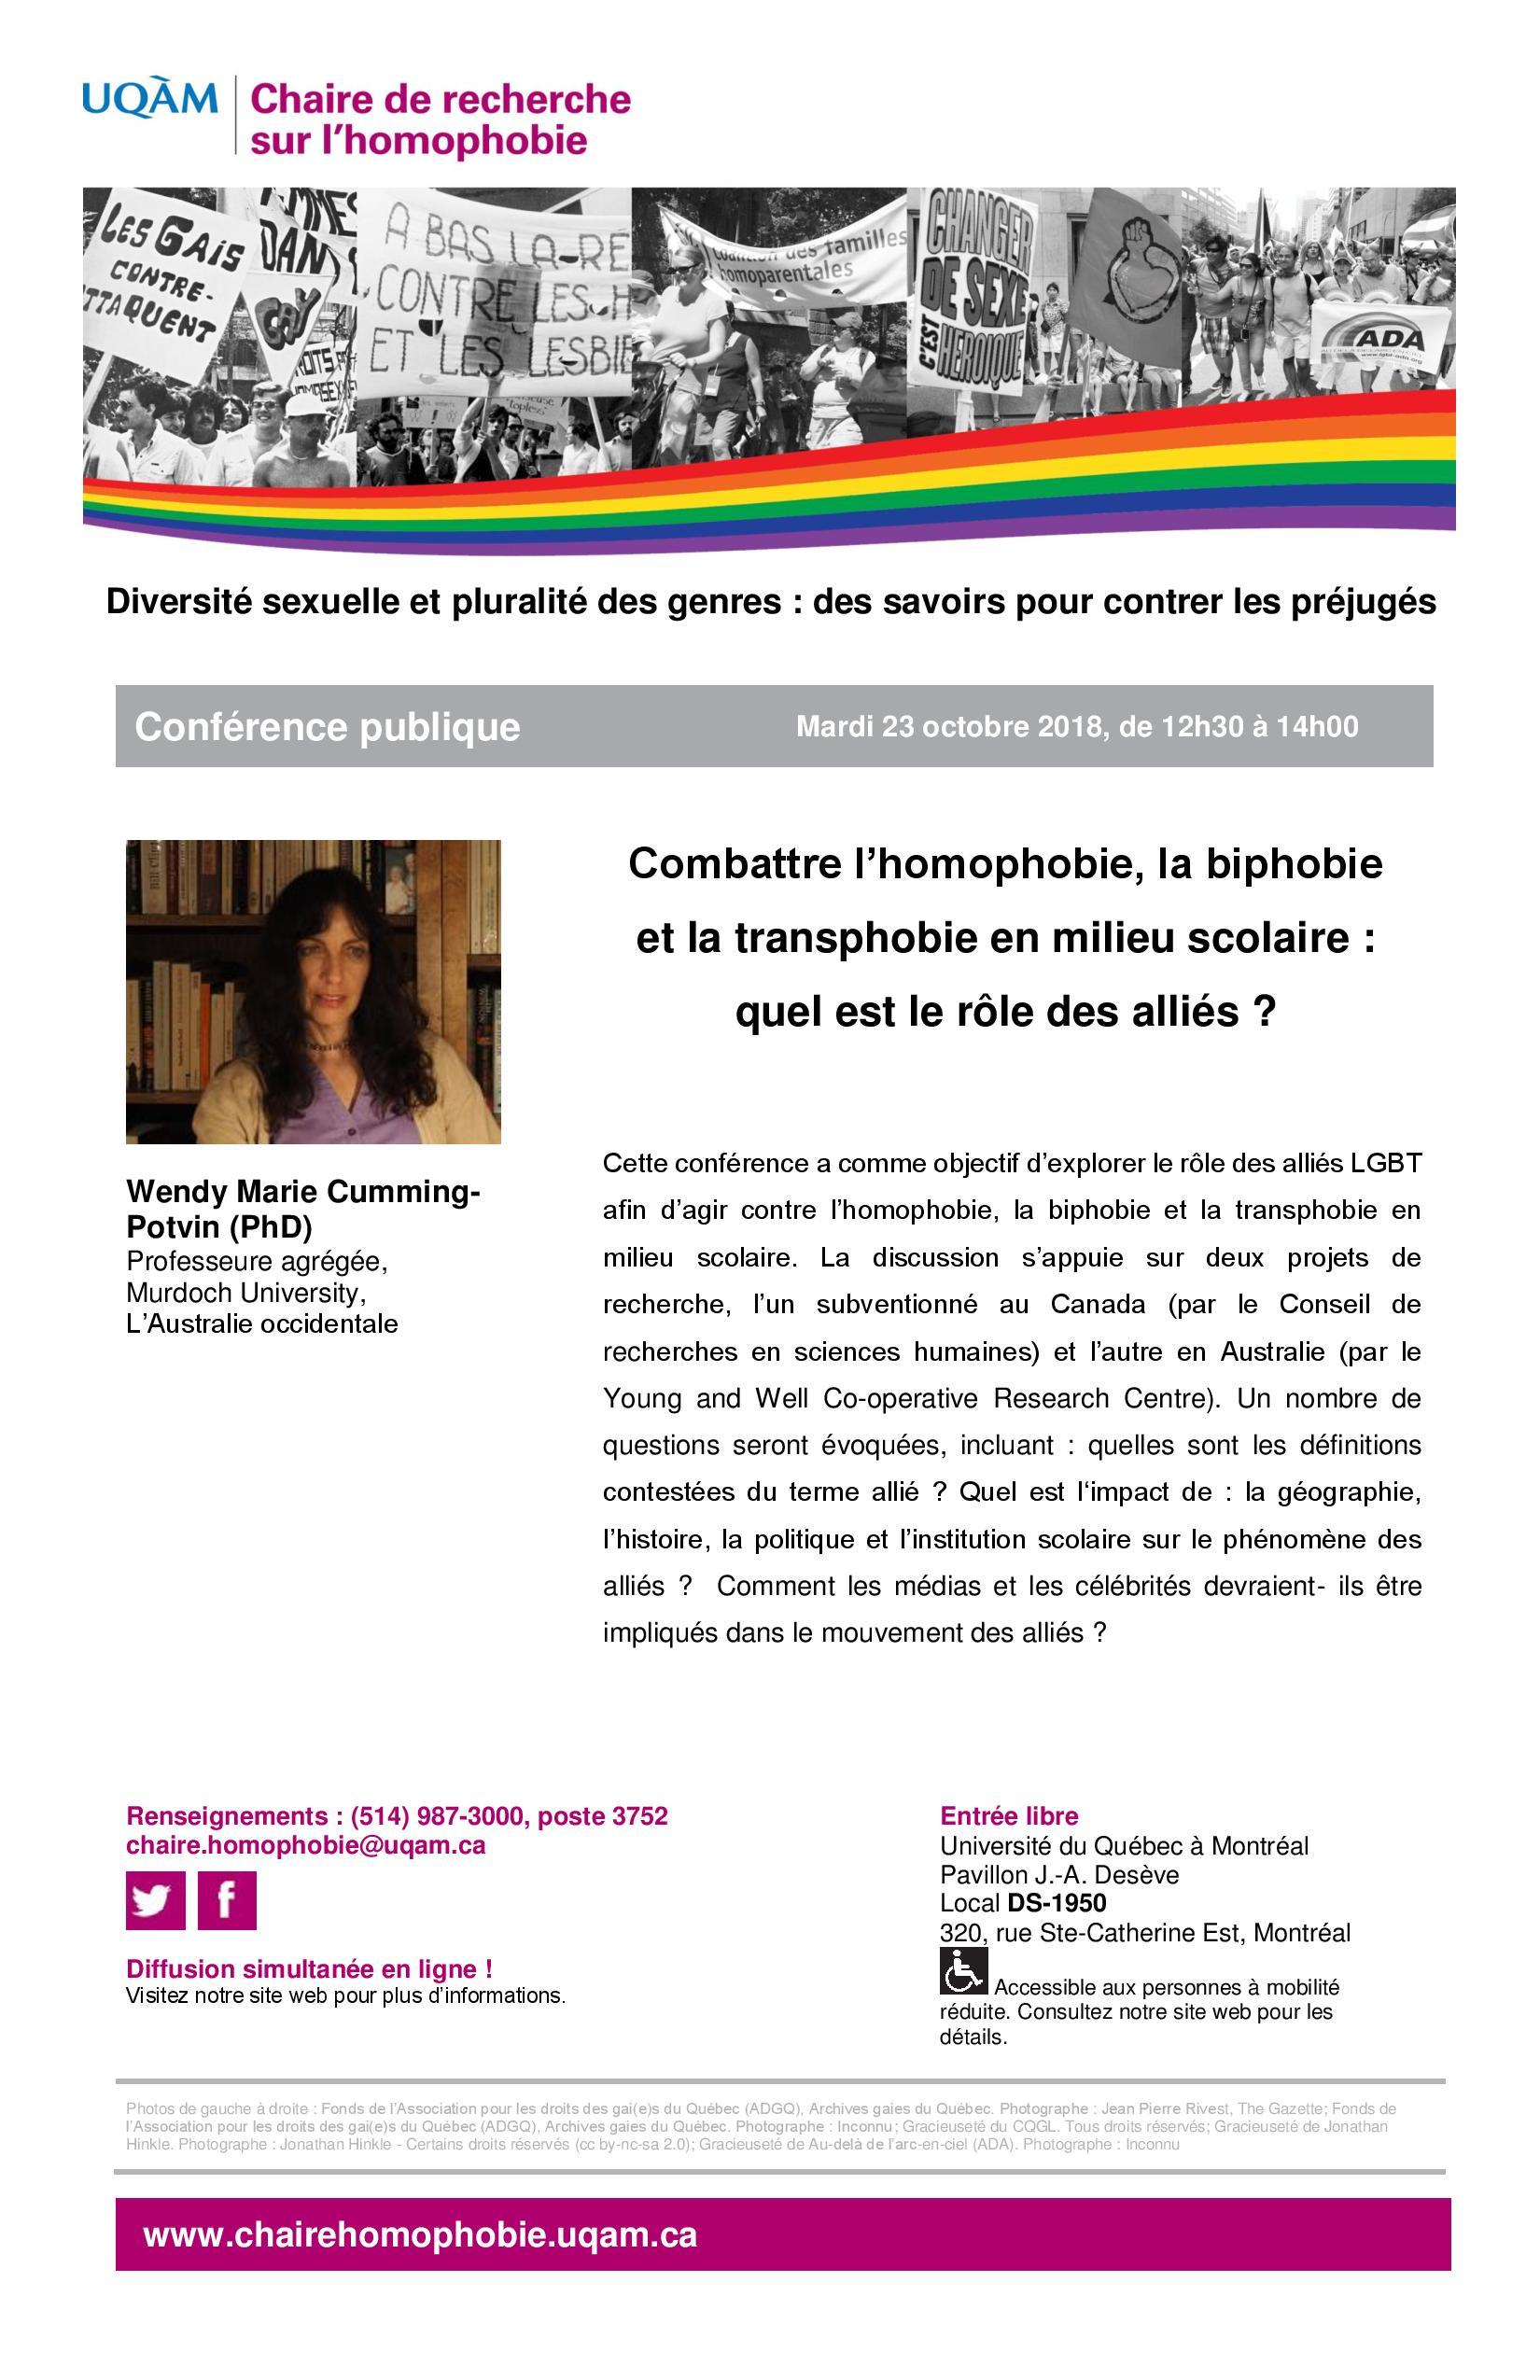 CONFÉRENCE PUBLIQUE | Combattre l'homophobie, la biphobie et la transphobie en milieu scolaire : Quel est le rôle des allié·e·s ?